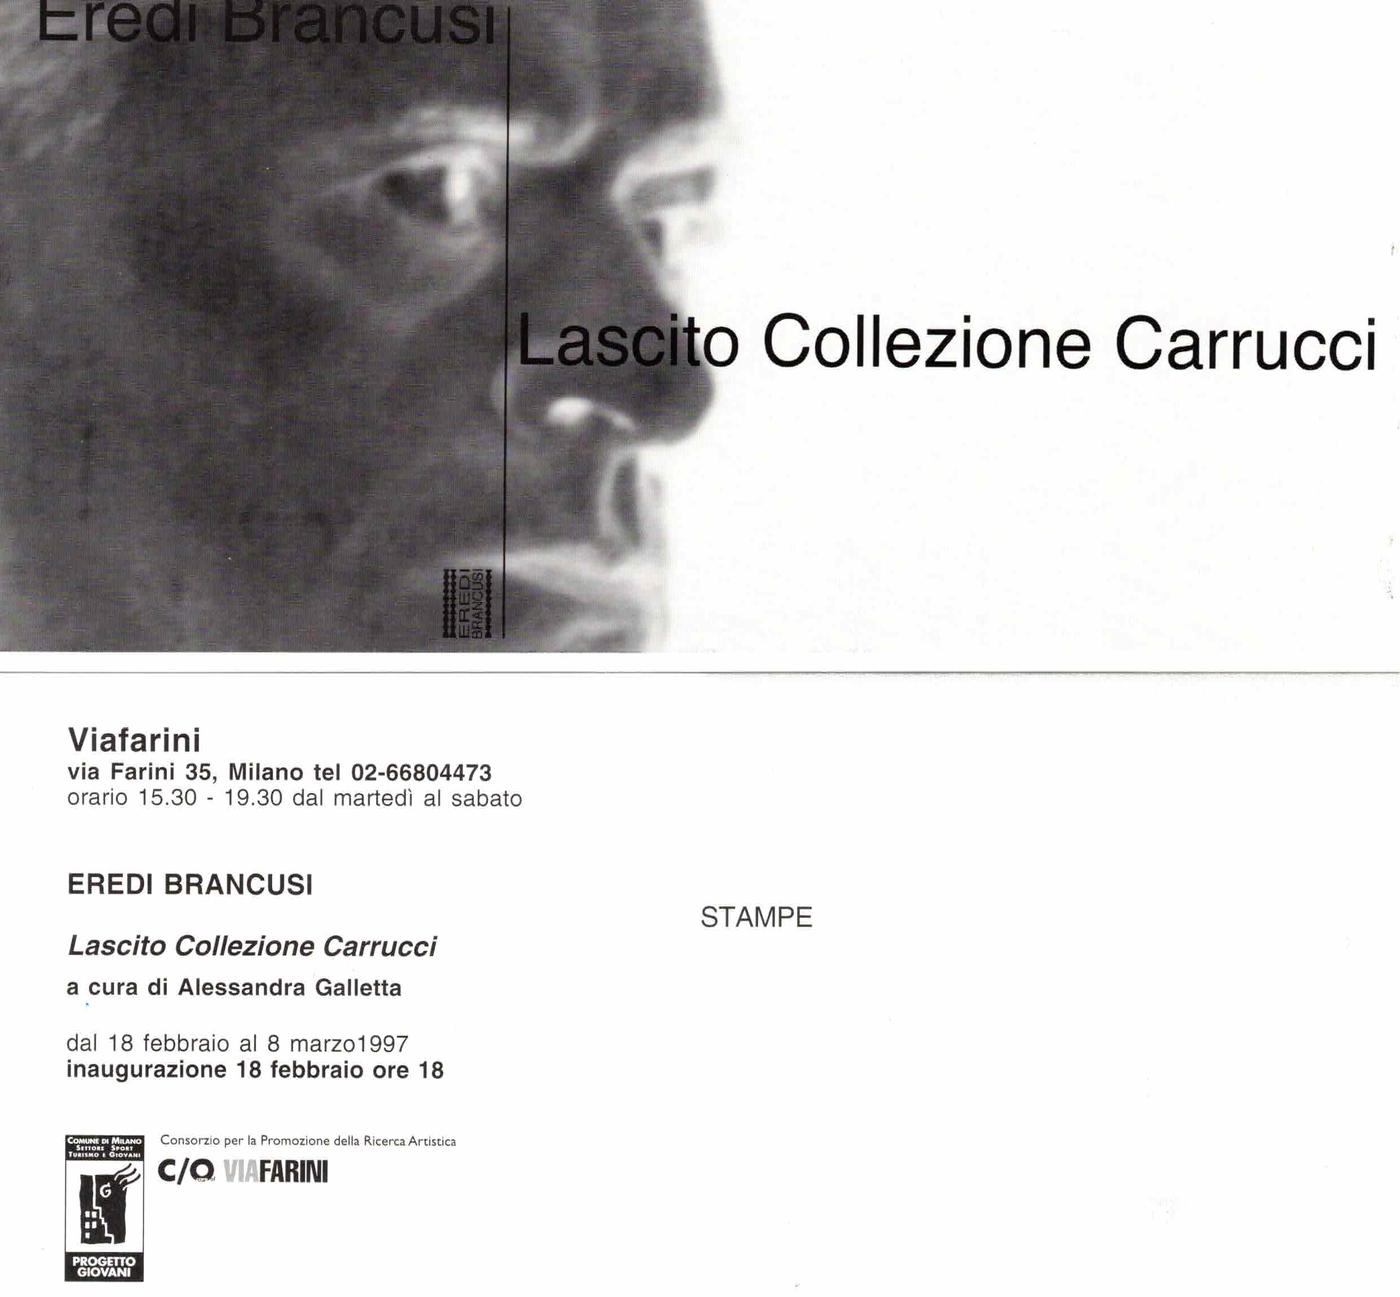 Eredi Brancusi, Lascito Collezione Carrucci